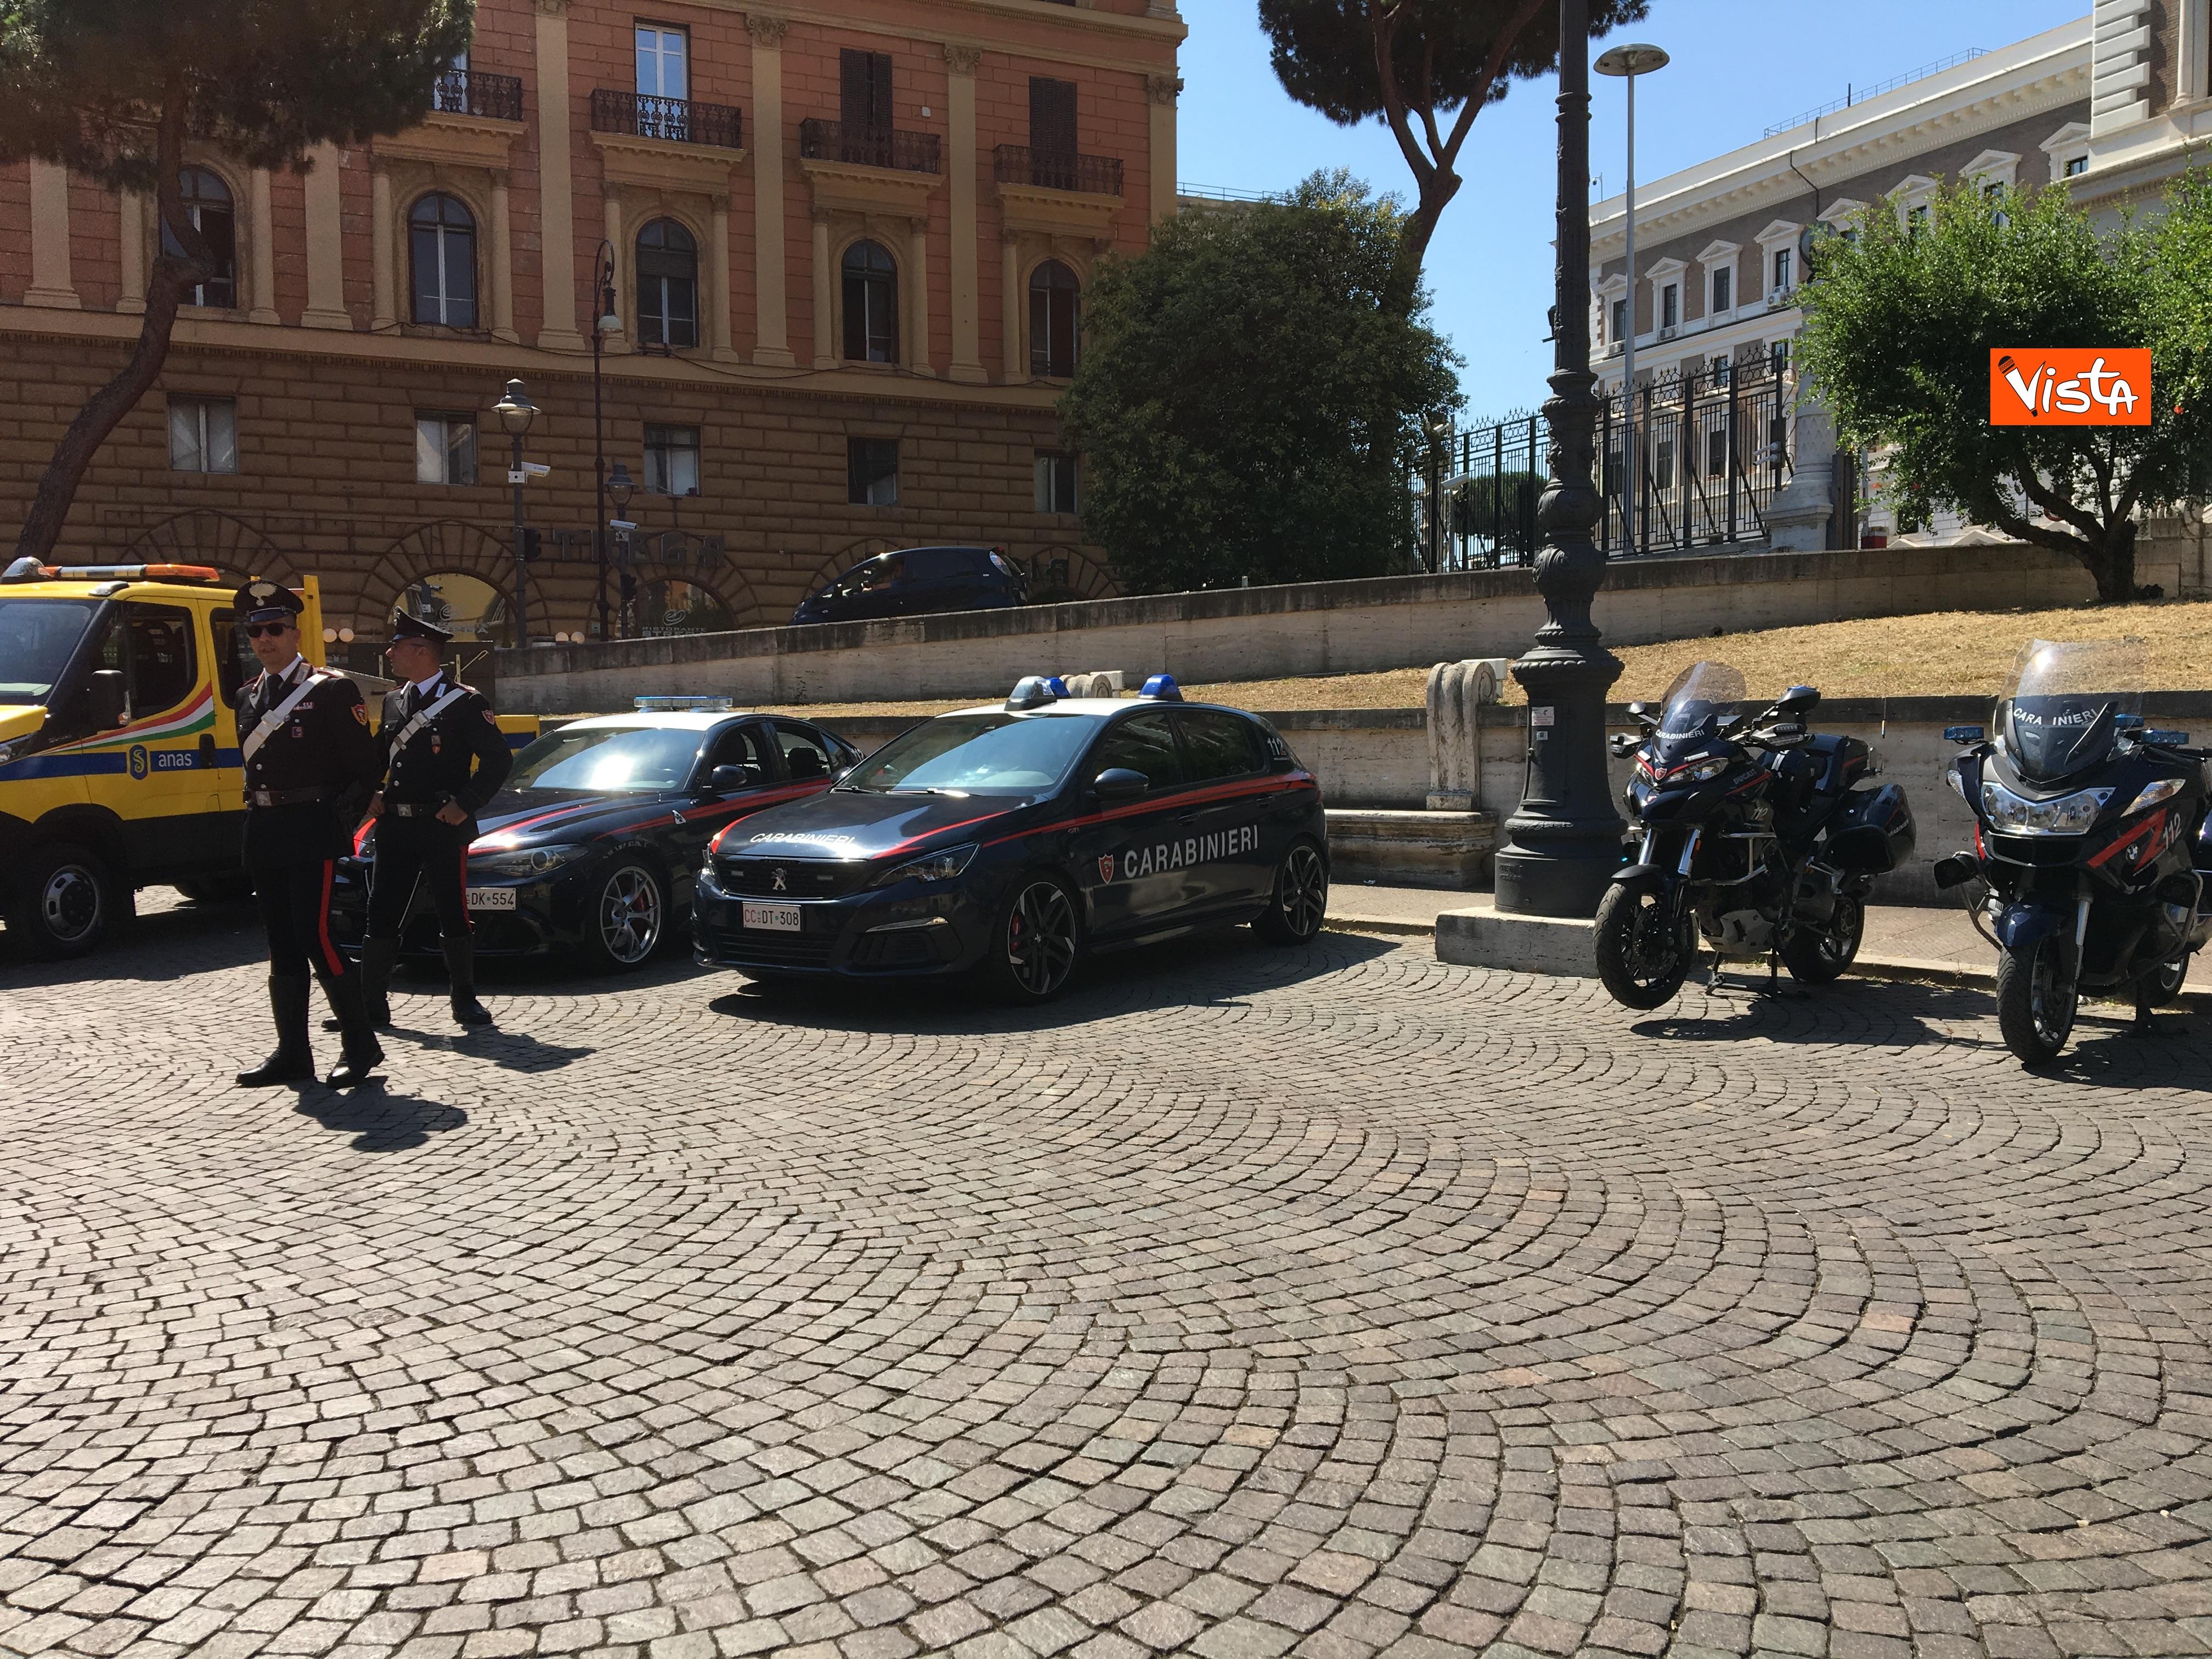 18-07-19 Viabilita Italia il piano di gestione per l esodo estivo presentato al Viminale immagini_05